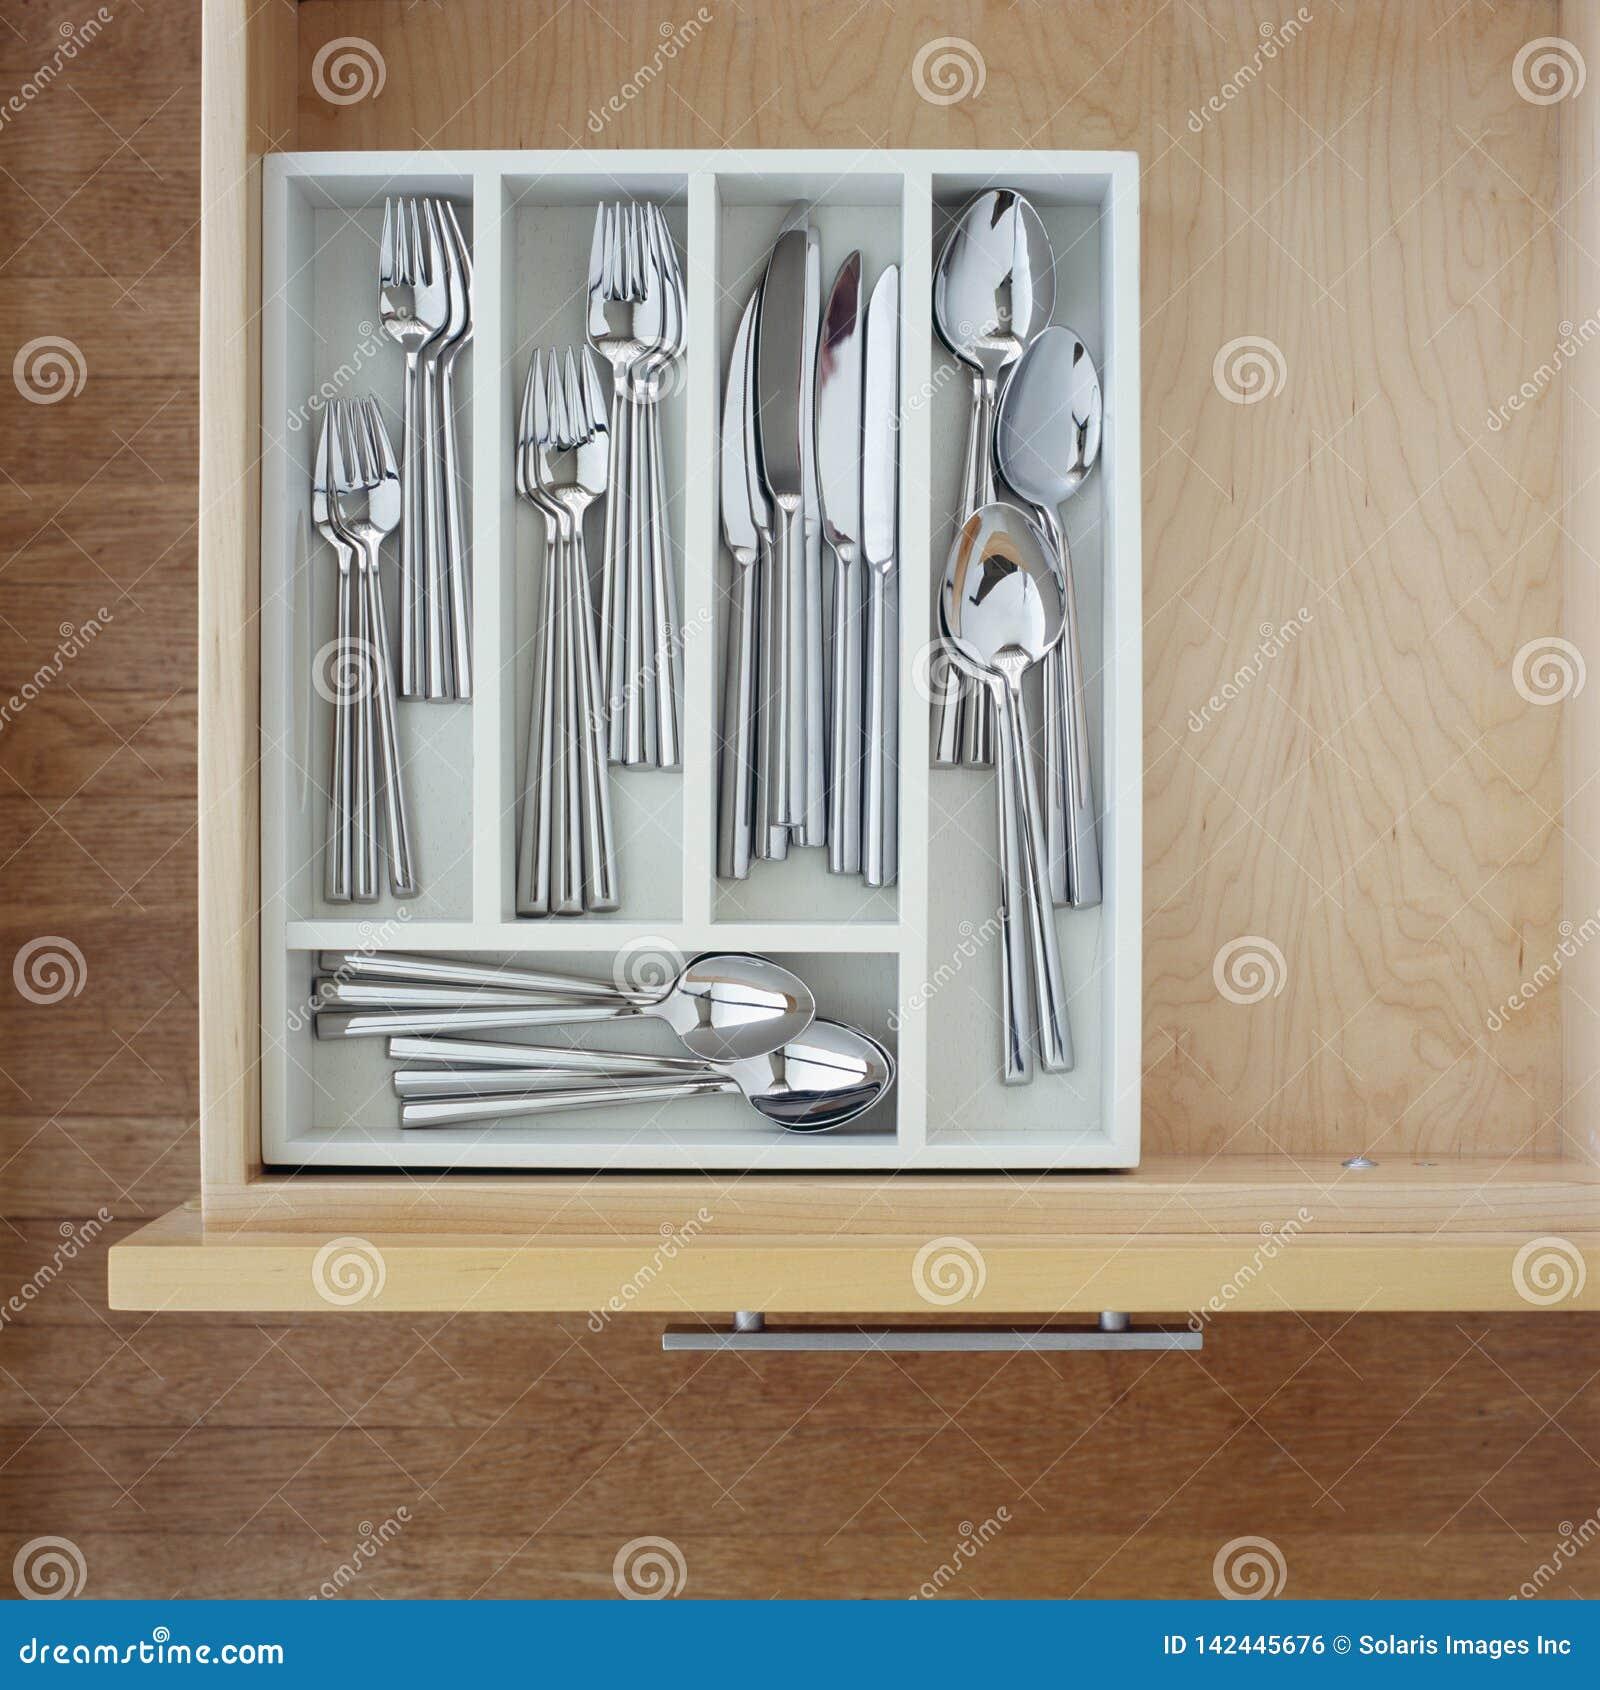 Clean Silverware Utensils In Kitchen Drawer Neat Tidy